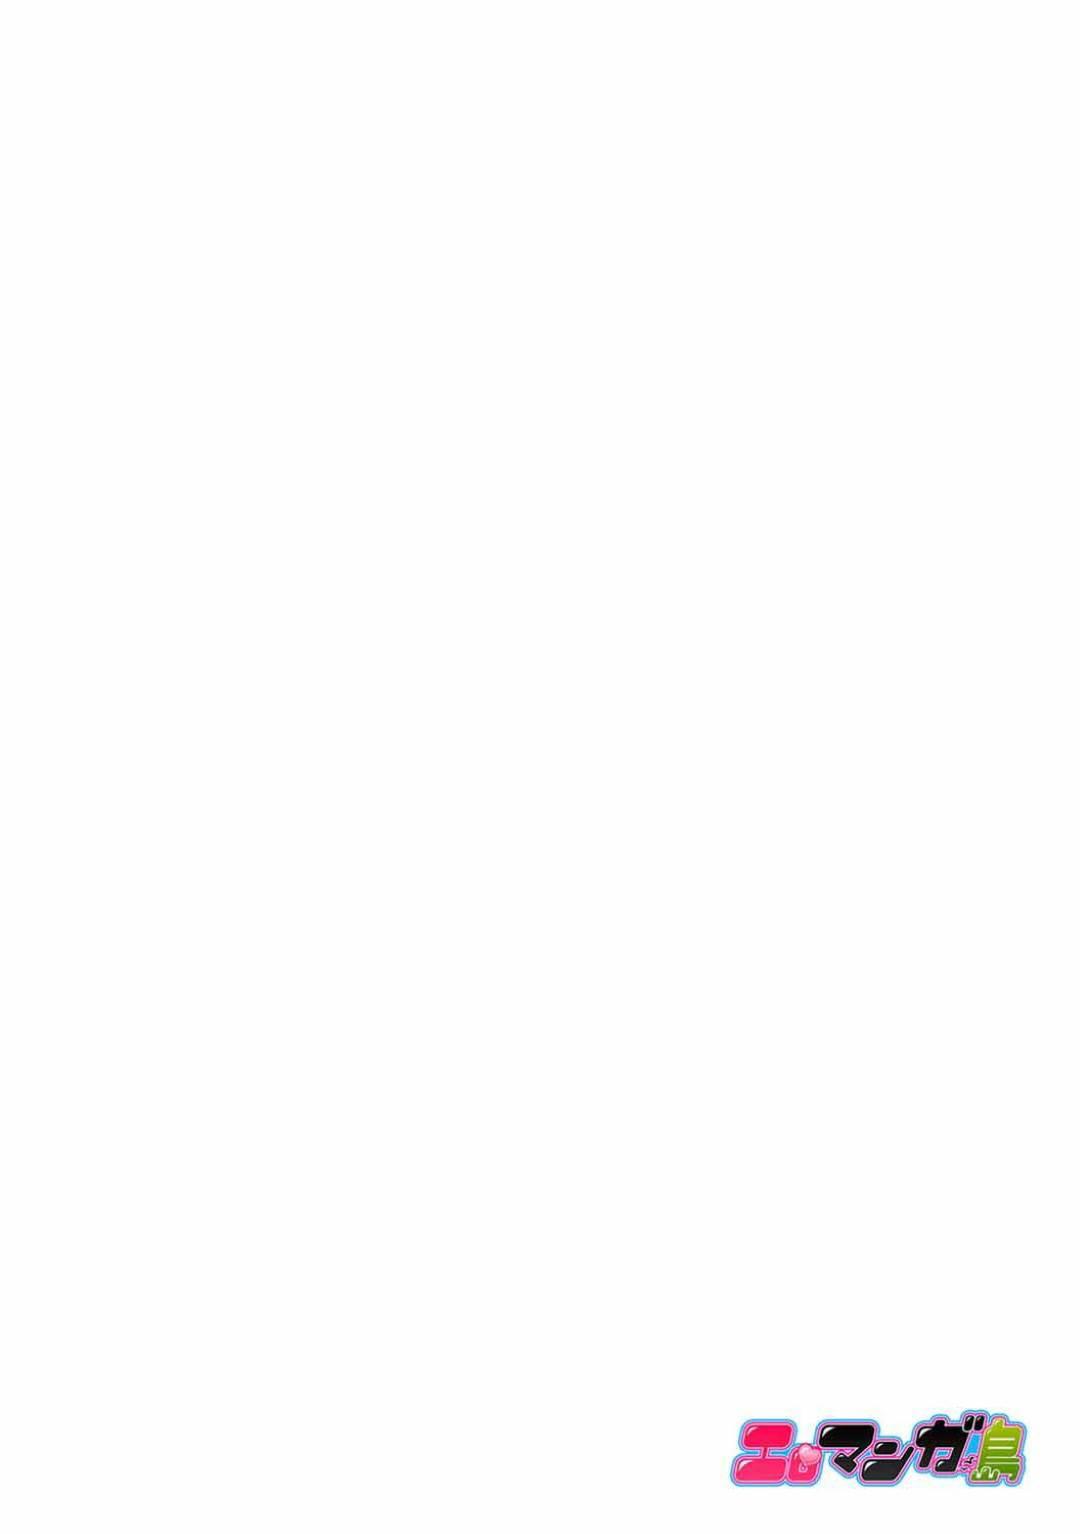 【長編・エロ漫画】憧れの作家と見事夫婦となった清純系人妻…ある日昔の会社の上司と再会し自宅でレイプされてしまう!中出しされた後に夫が帰宅しやり過ごす2人だったが、夫は全て見てしまっていた。しかし身体の相性が良く身体を重ね続ける2人に夫が復習を計画!【ころすけ】